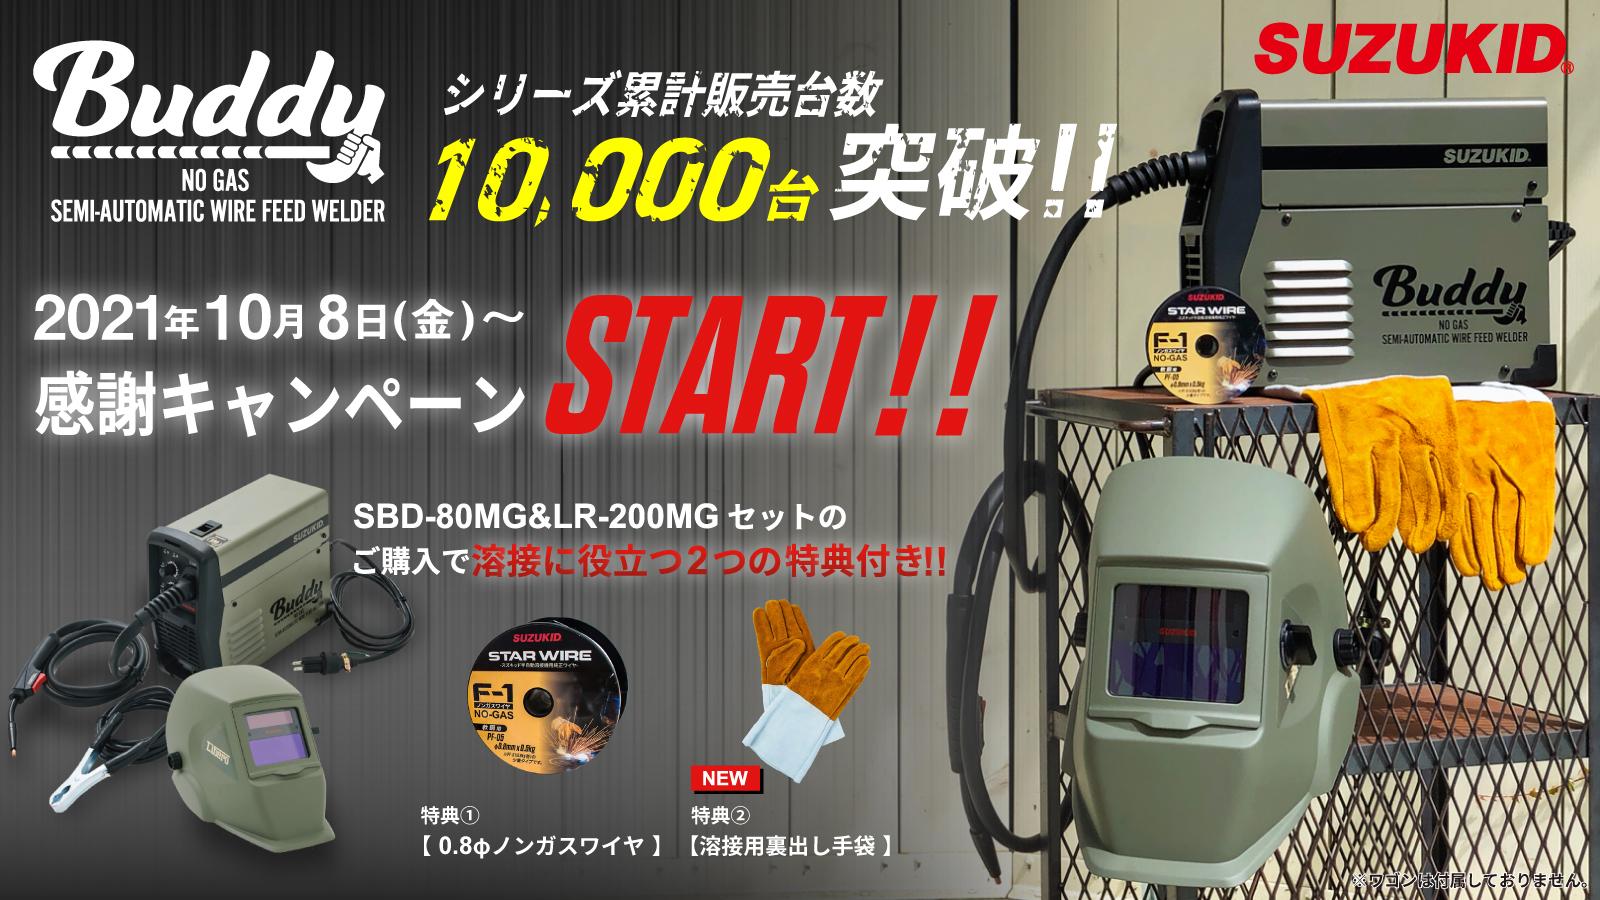 Buddy80累計販売台数10,000台突破感謝キャンペーン